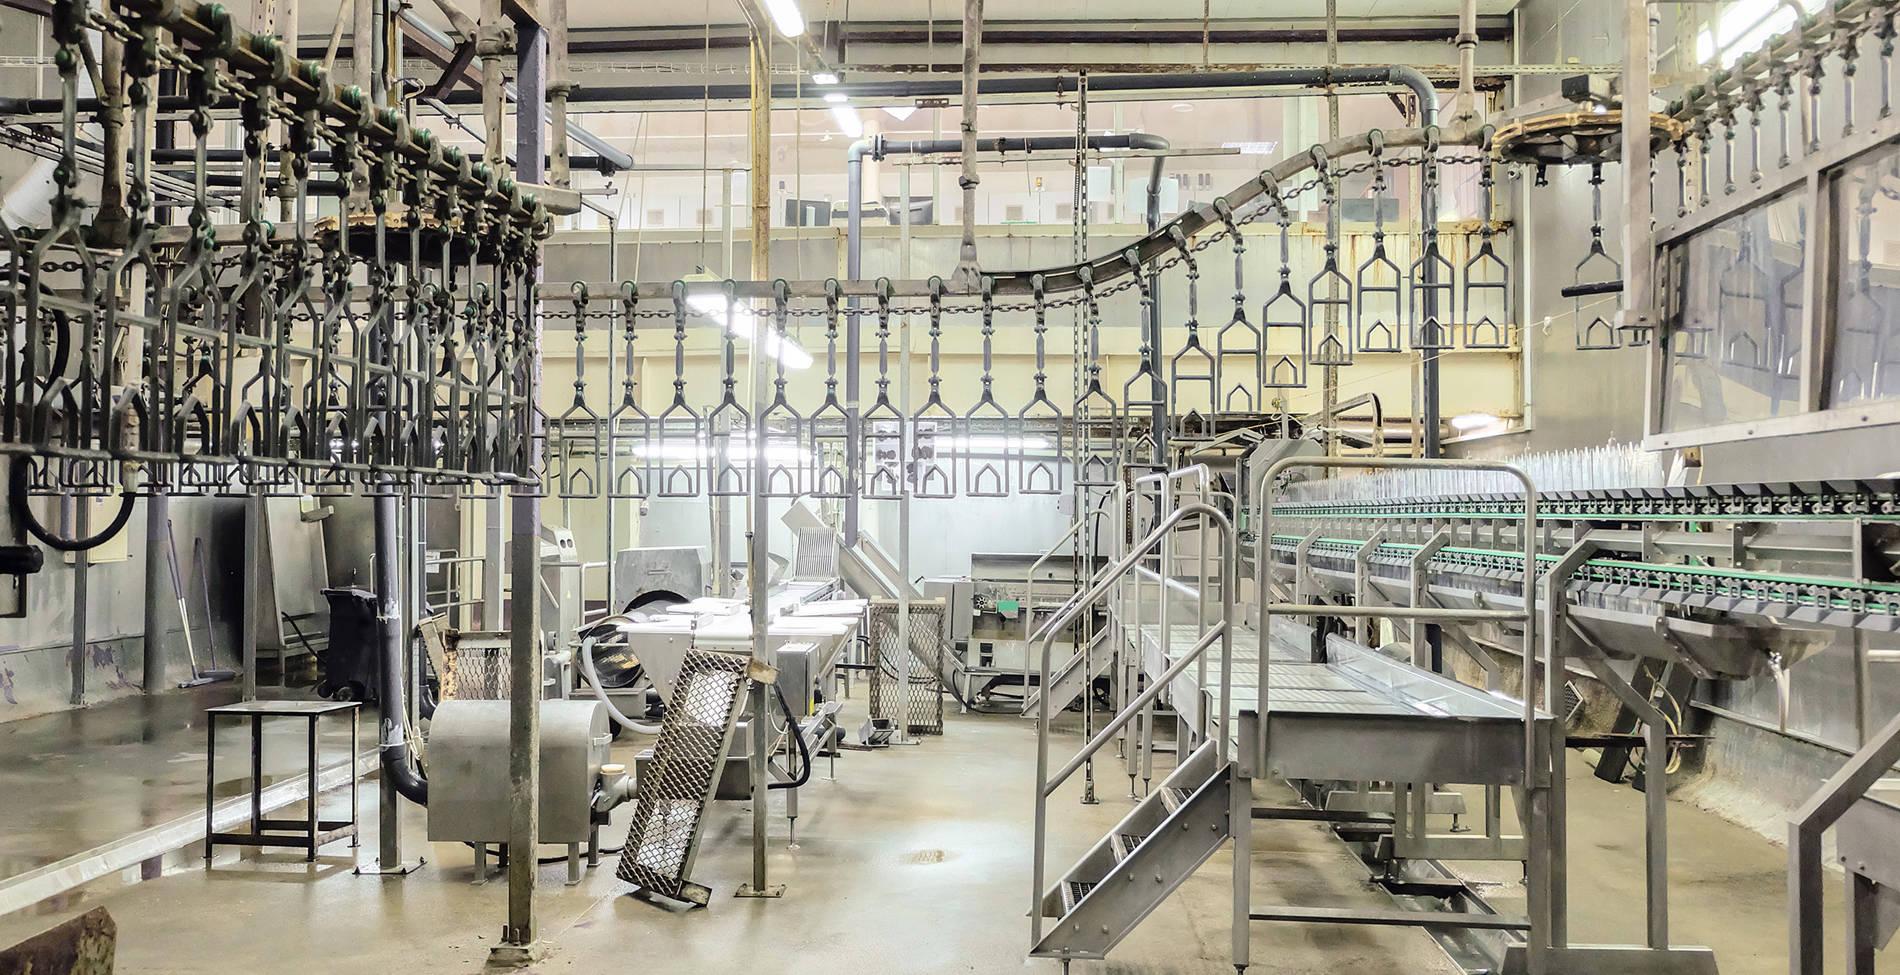 Ενίσχυση πωλήσεων, αύξηση παραγωγικότητας και αναβάθμιση προϊόντων για τη «Νίκας»